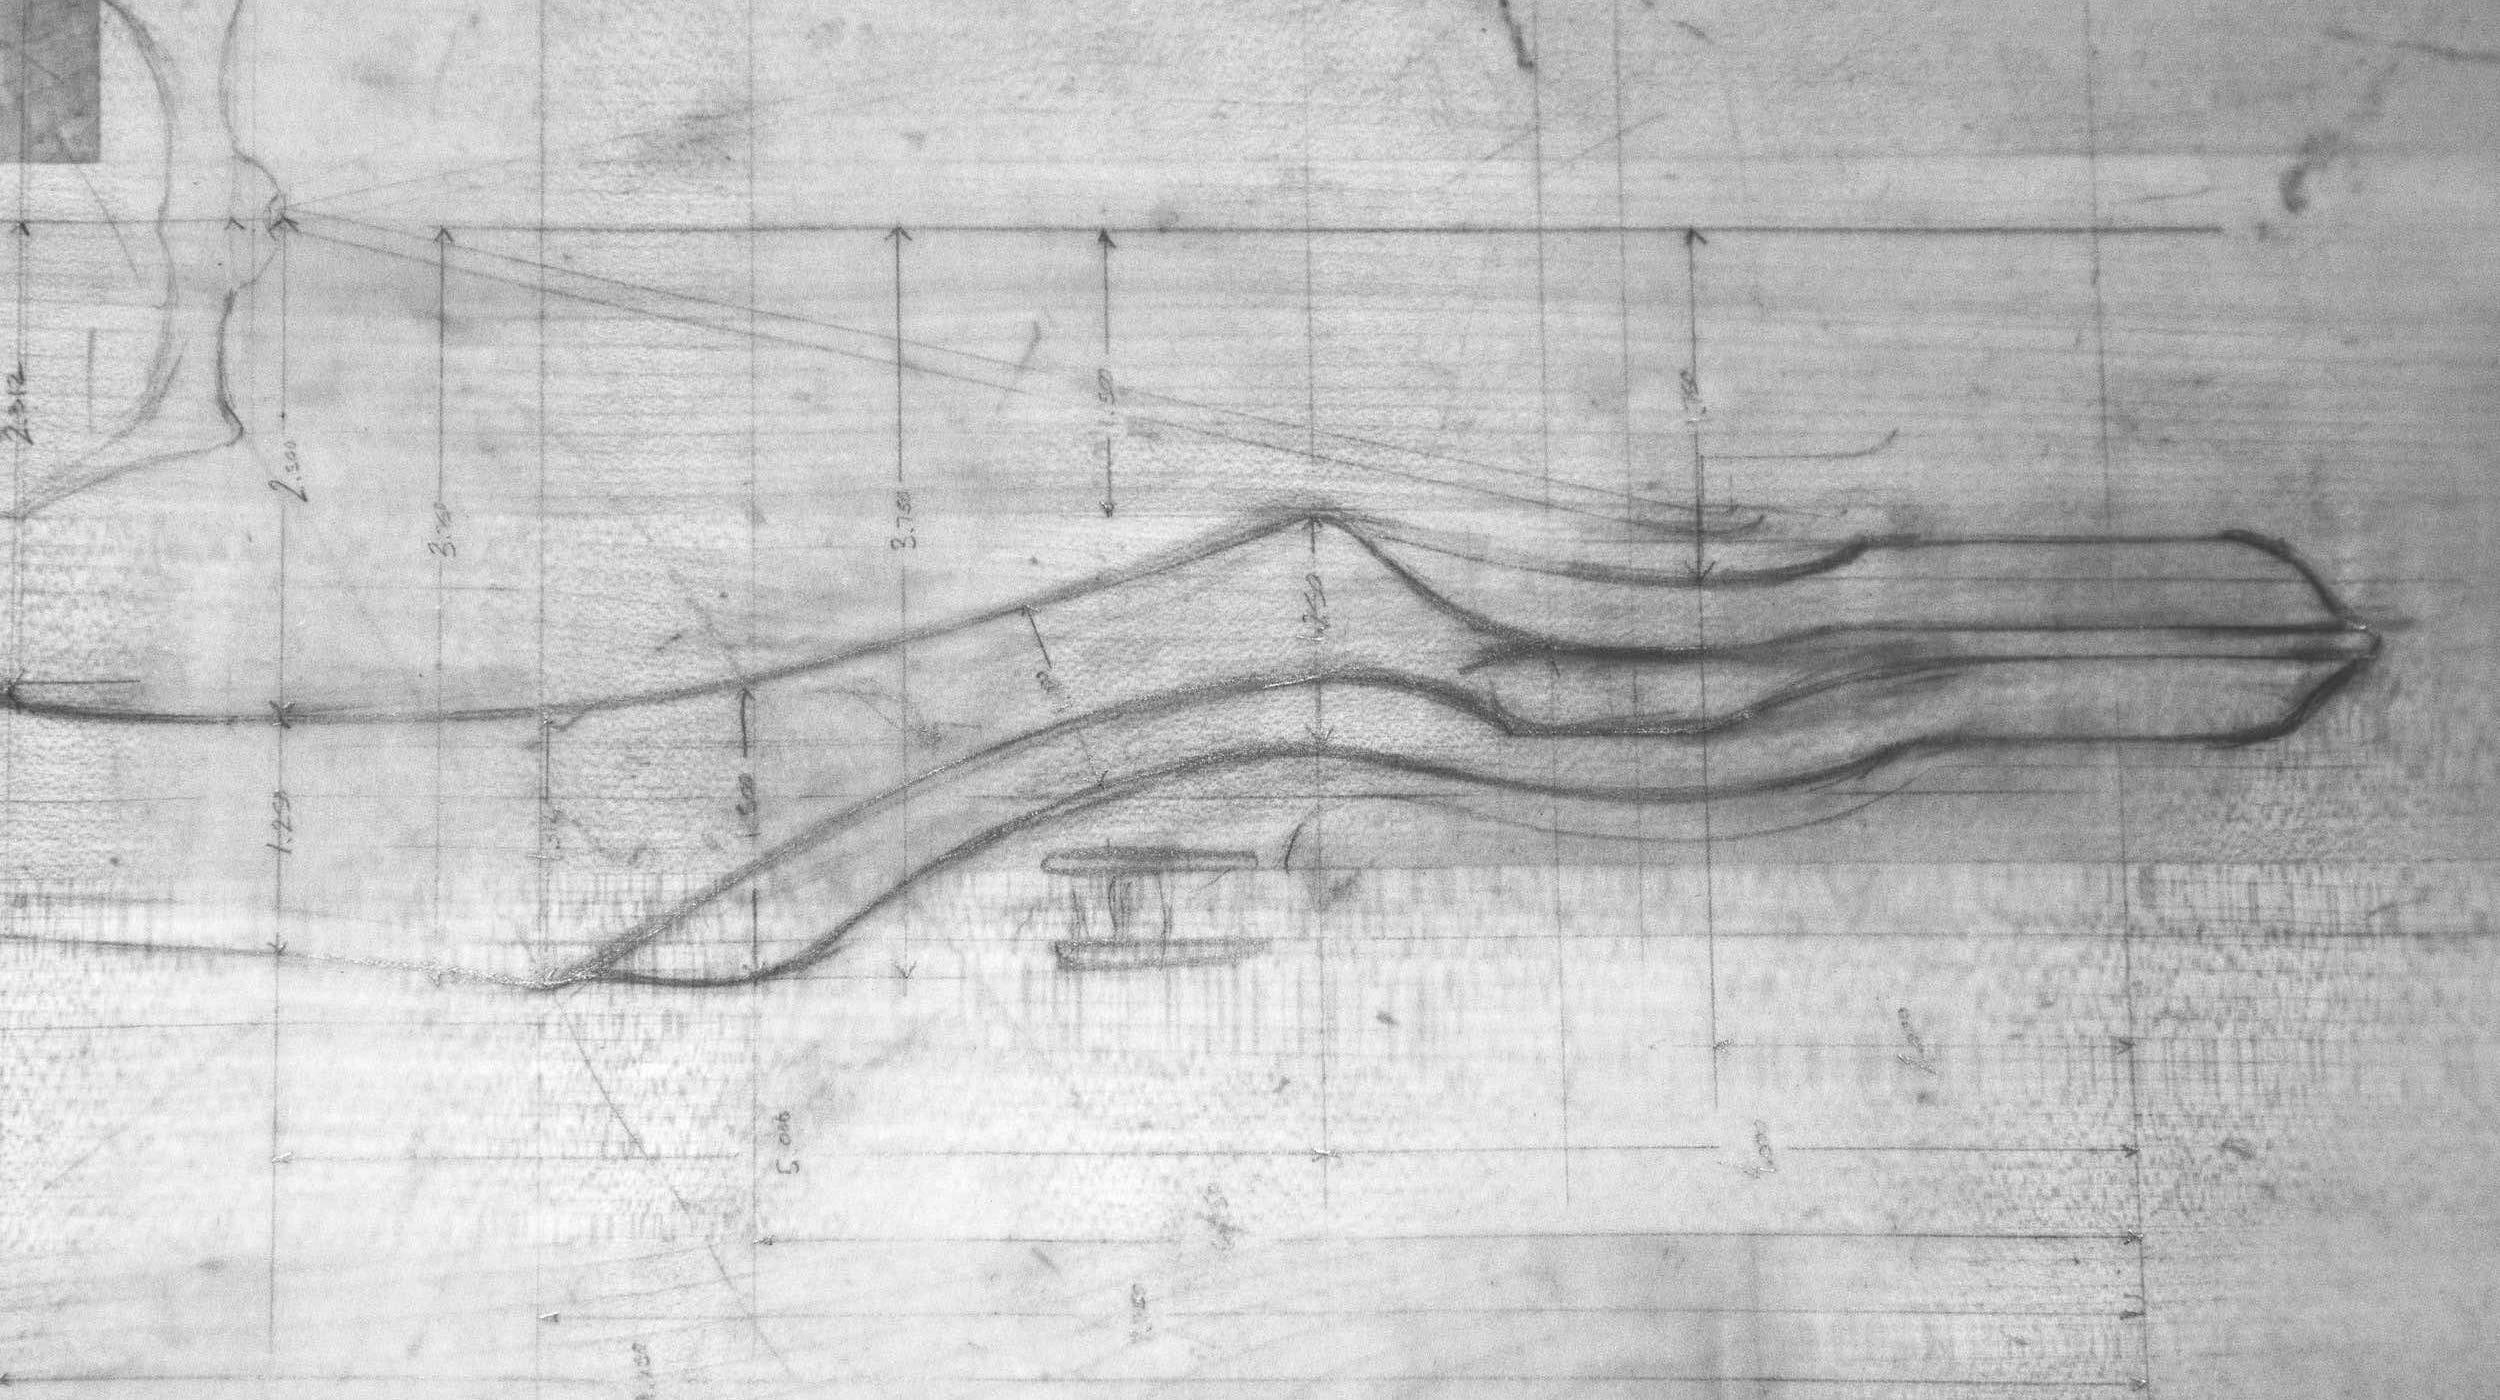 White-Swingarm-Rear-Axel-Sketch-Web.jpg